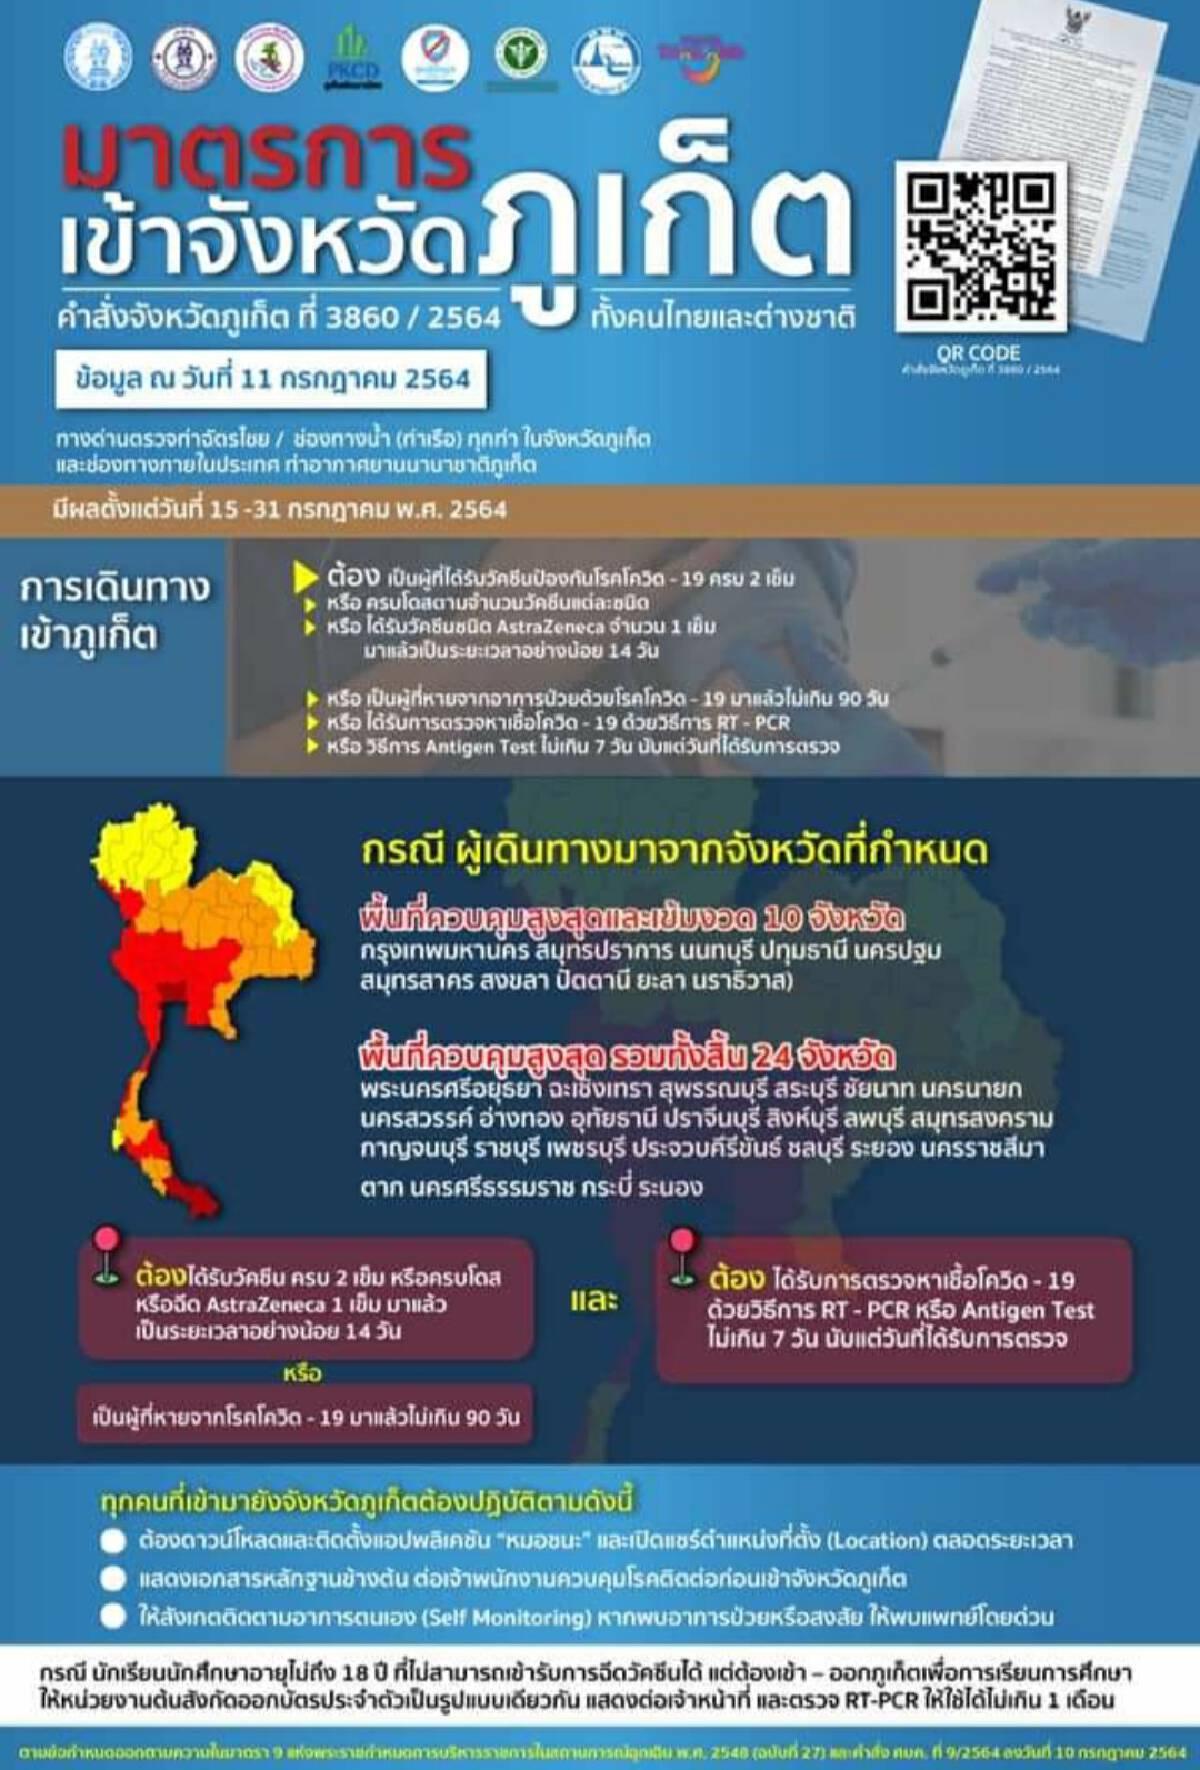 ผู้ว่าฯภูเก็ตเพิ่มมาตรการคัดกรองคนไทย-ต่างชาติในไทยมีผล15 -31 ก.ค.นี้